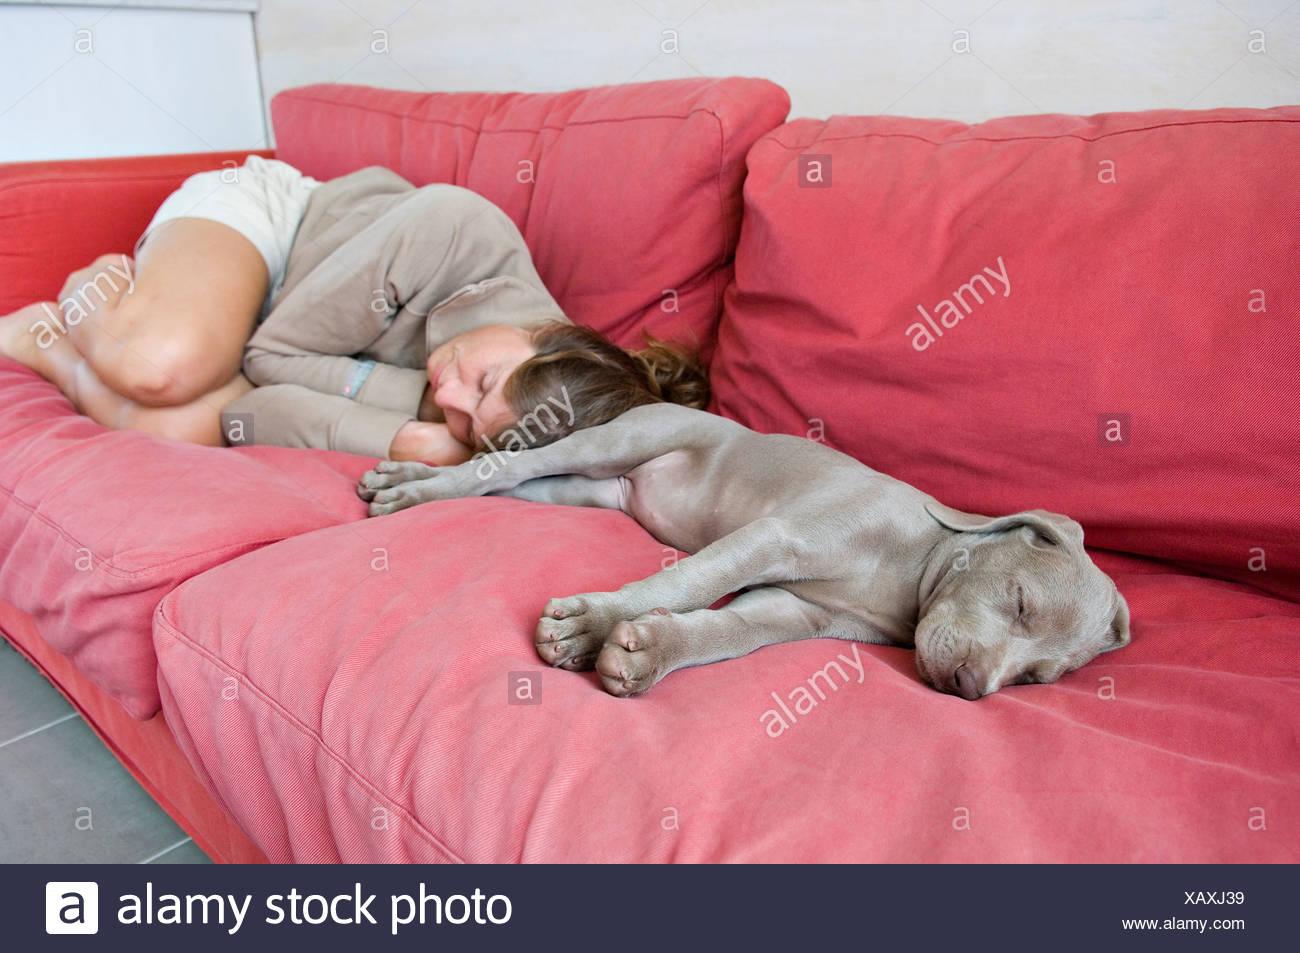 Hund Und Frau Schläft Auf Einer Roten Couch Zu Hause Stockfoto Bild